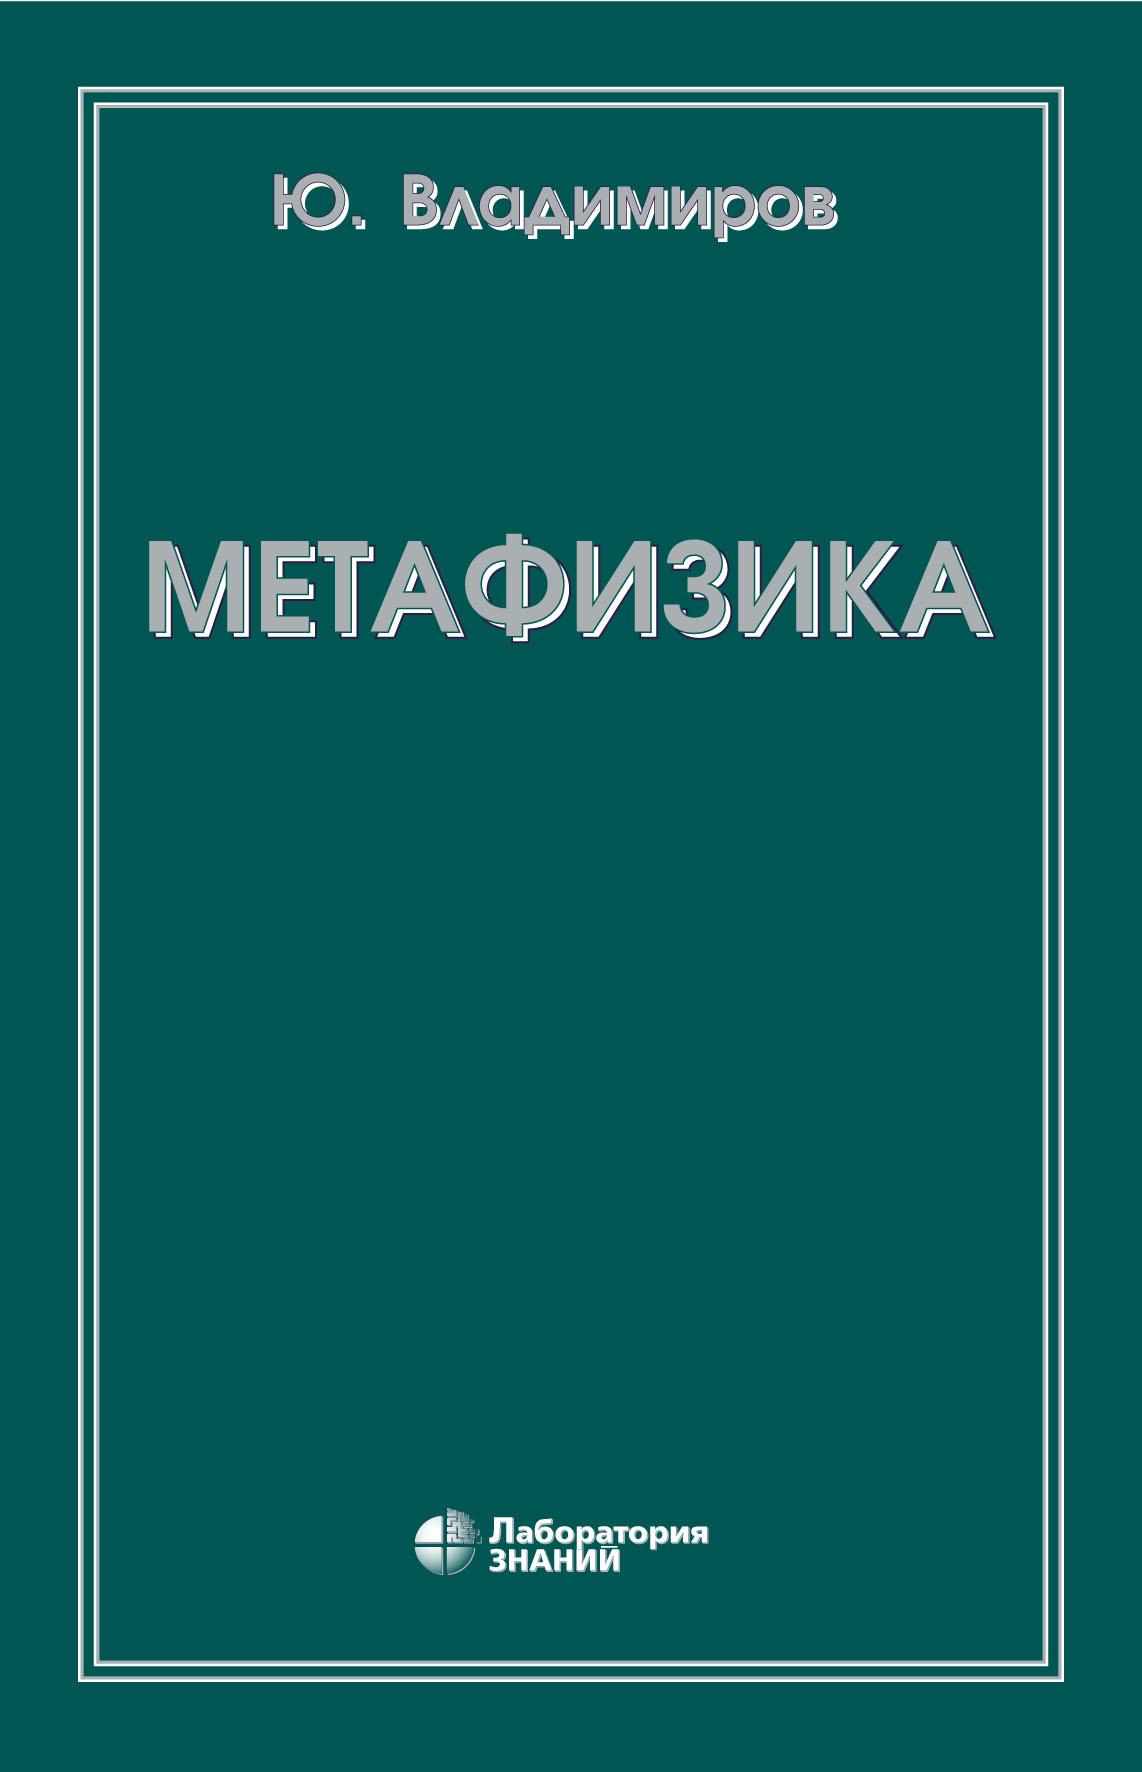 Ю. С. Владимиров Метафизика й экштейн честь в философии и в праве